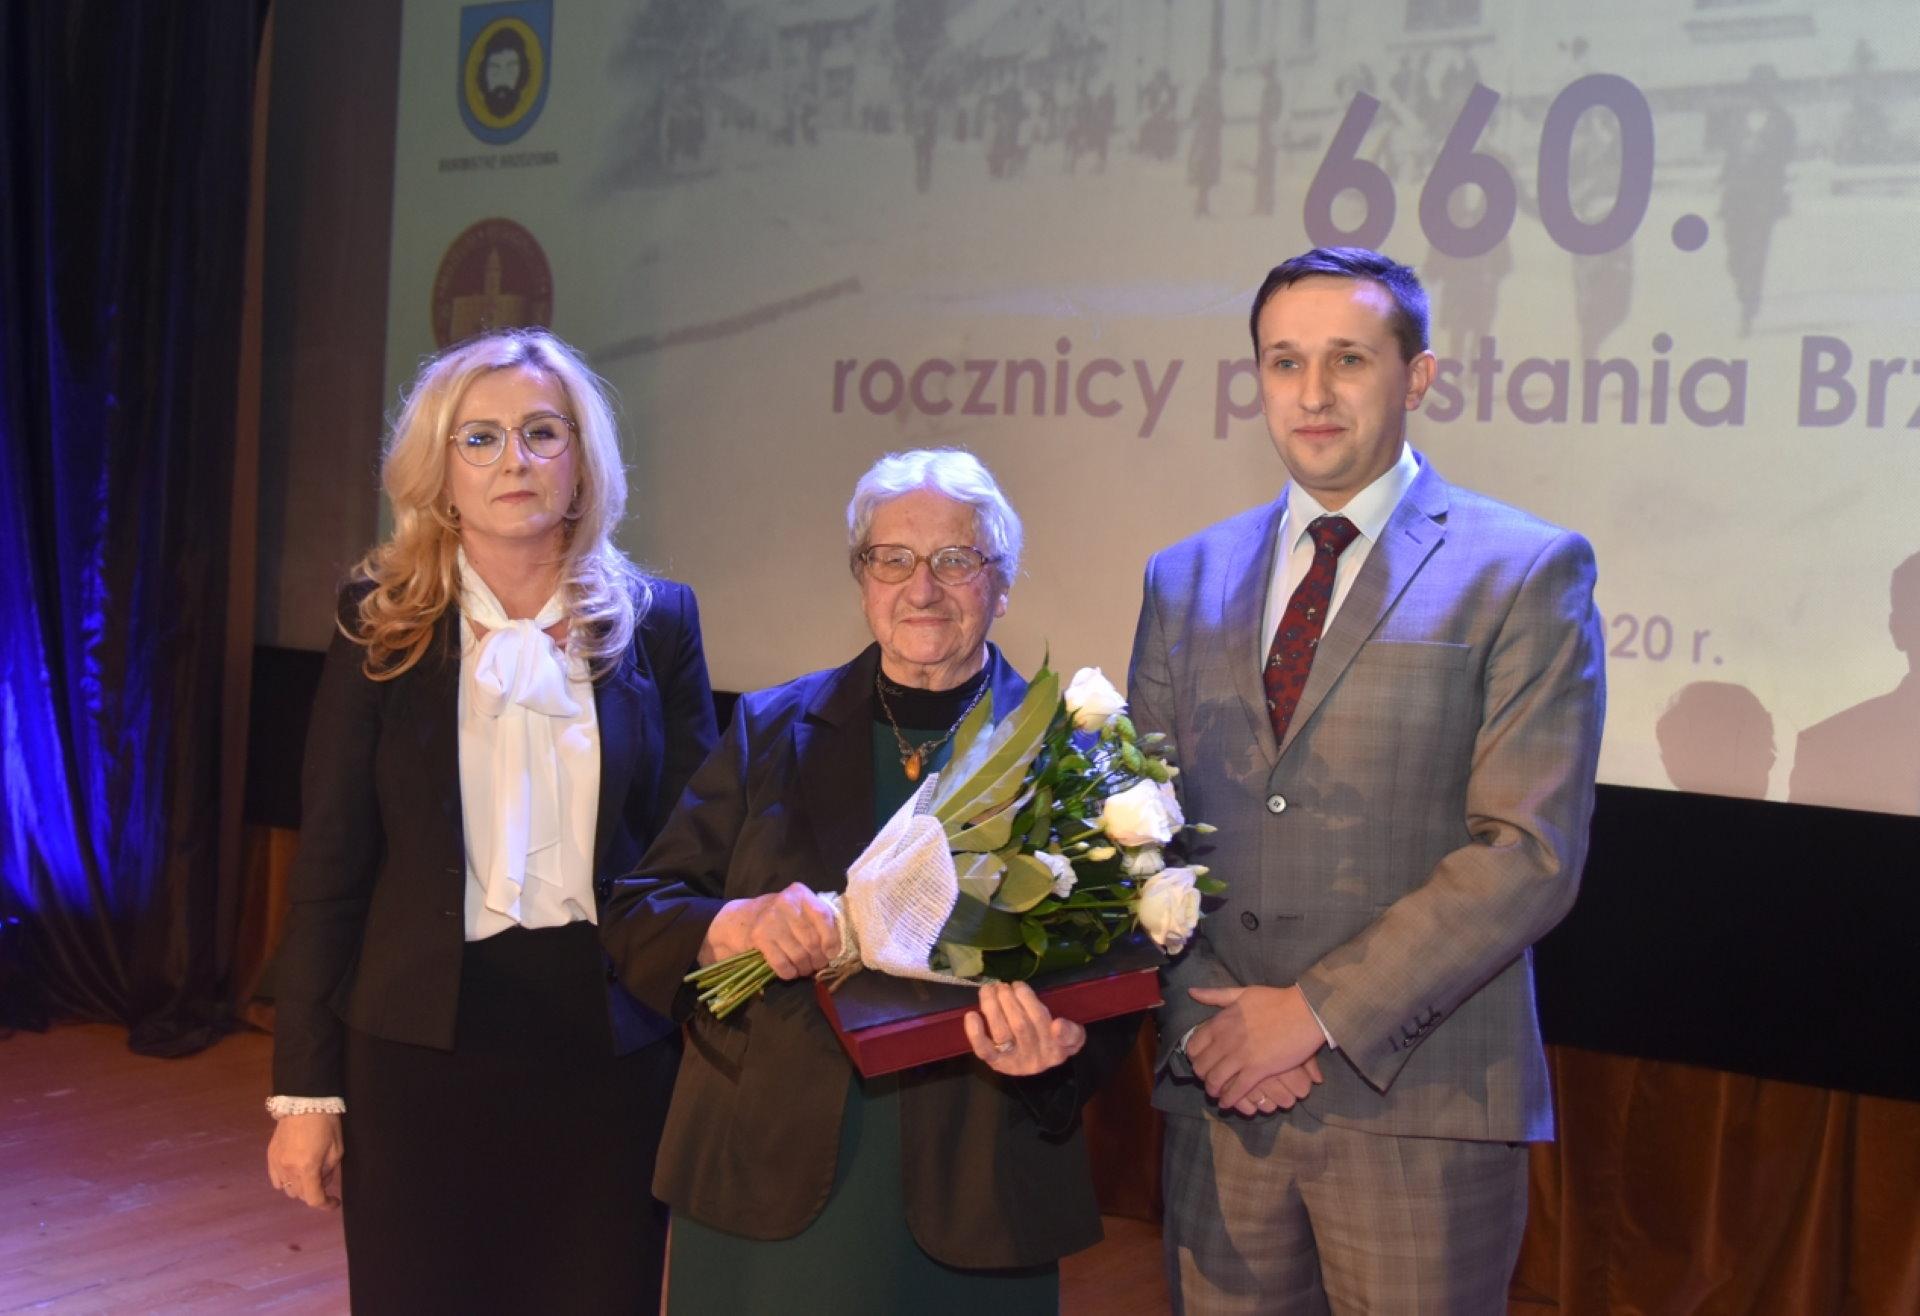 Dwie kobiety i mężczyna stoją na scenie. Kobieta w środku trzyma bukiet białych róż